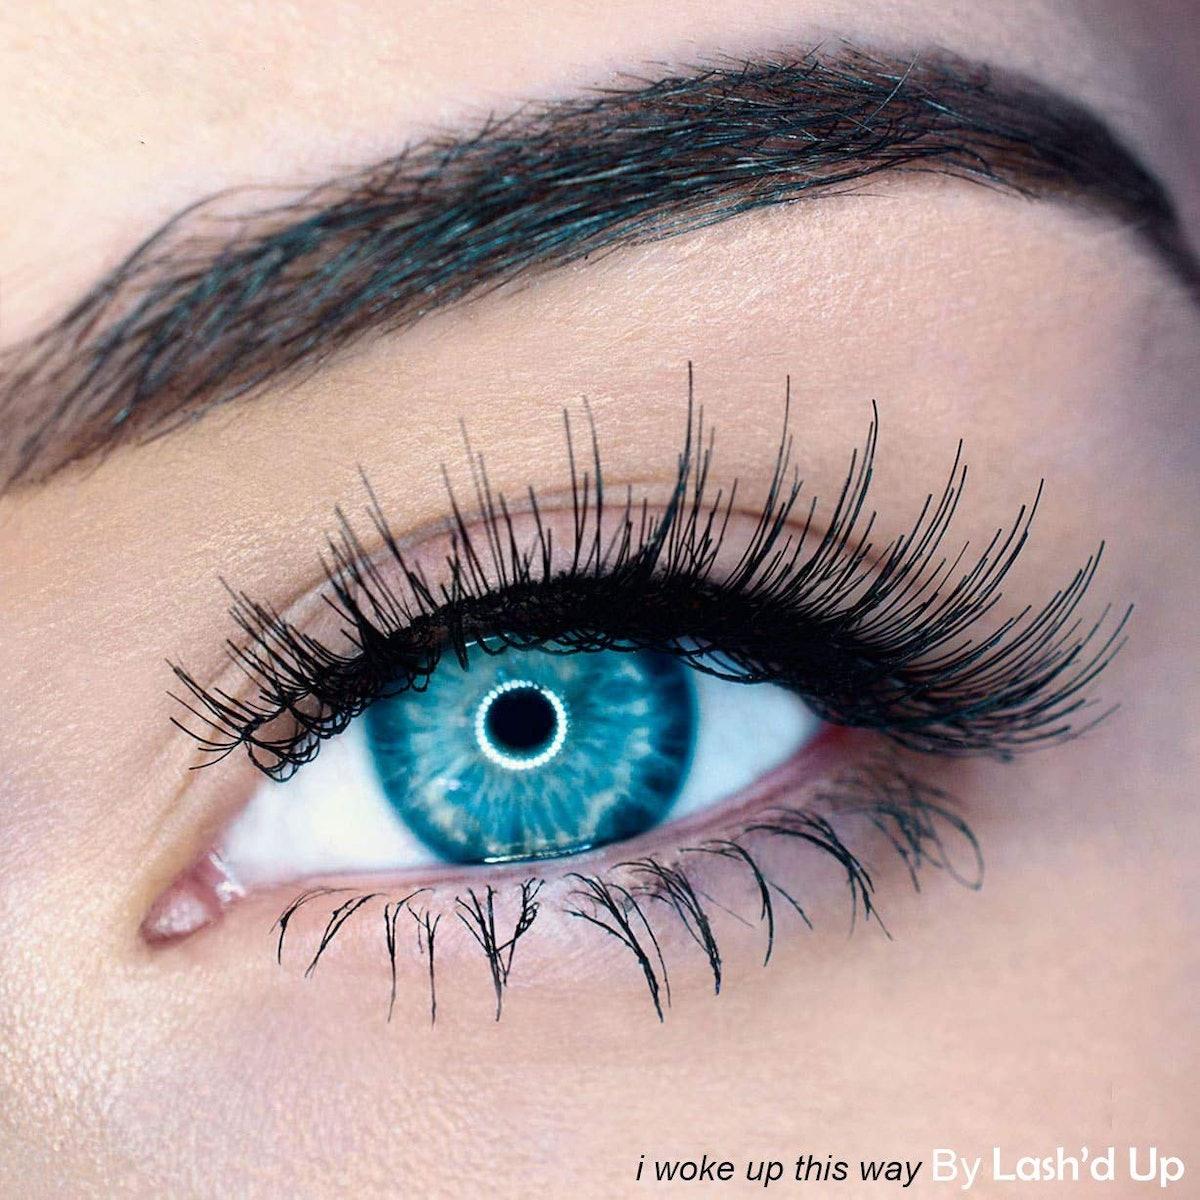 Lash'd Up Magnetic Eyelashes